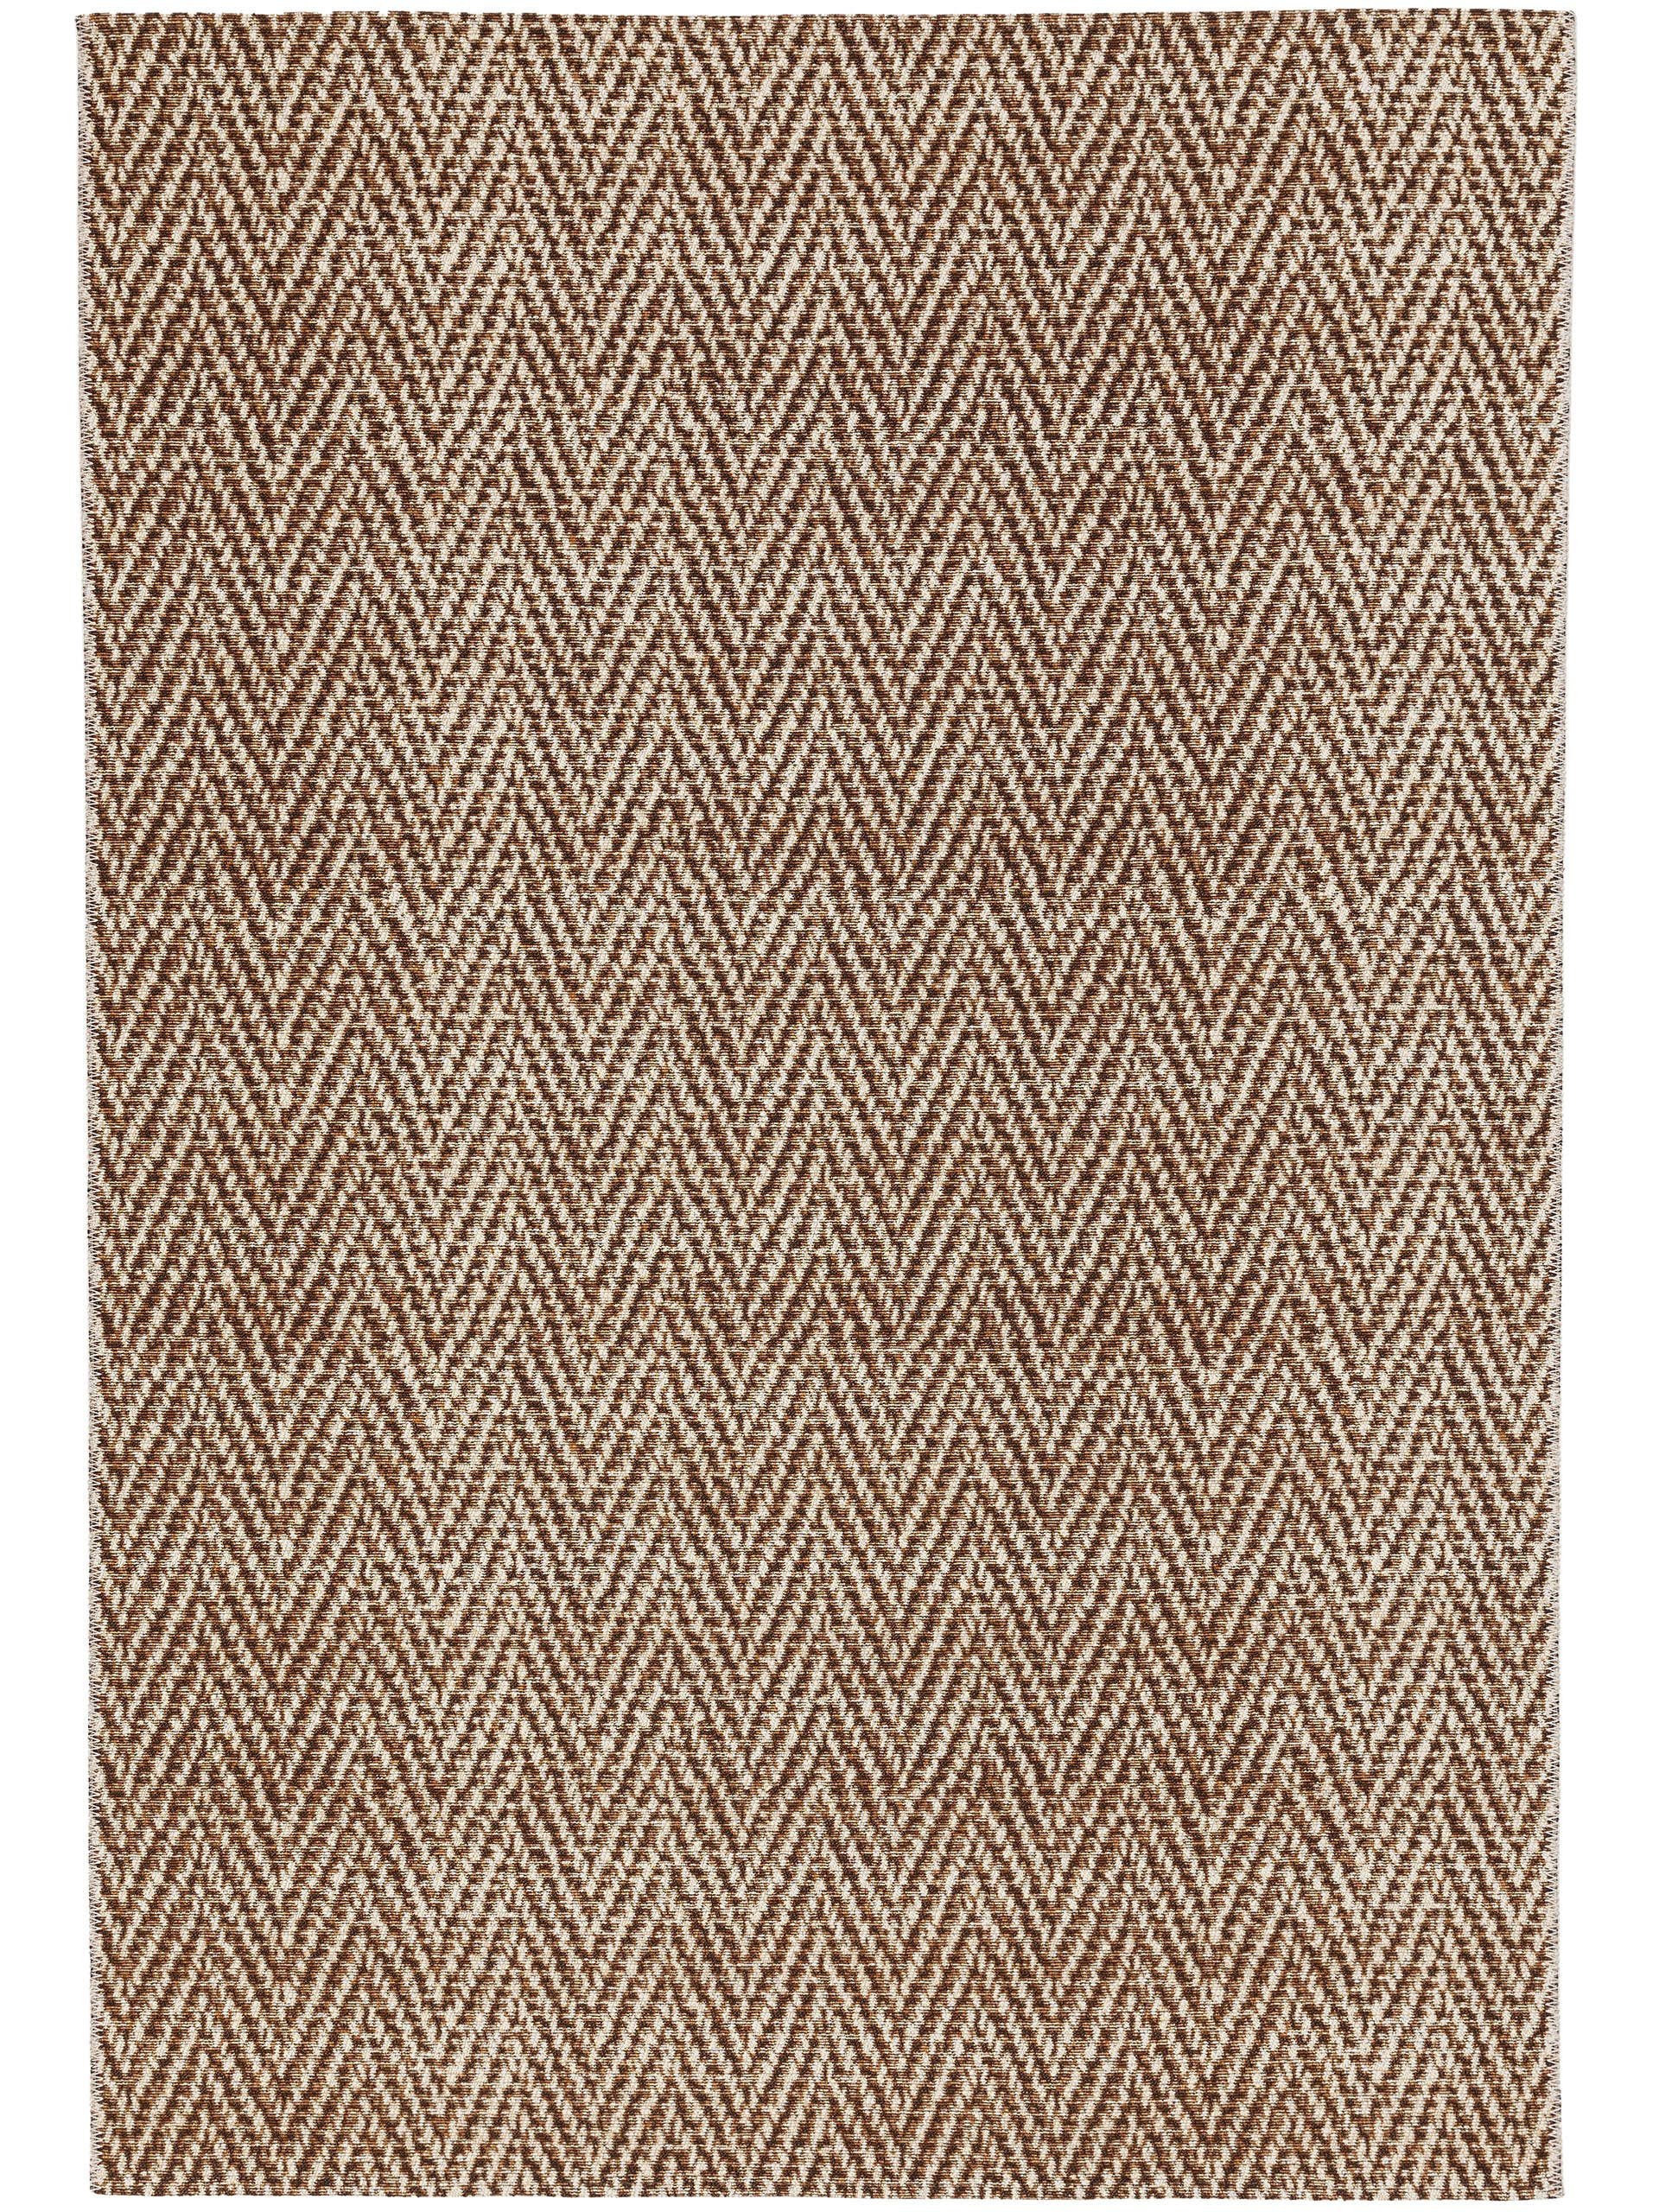 Tapis d'extérieur & intérieur crème/beige 80x165